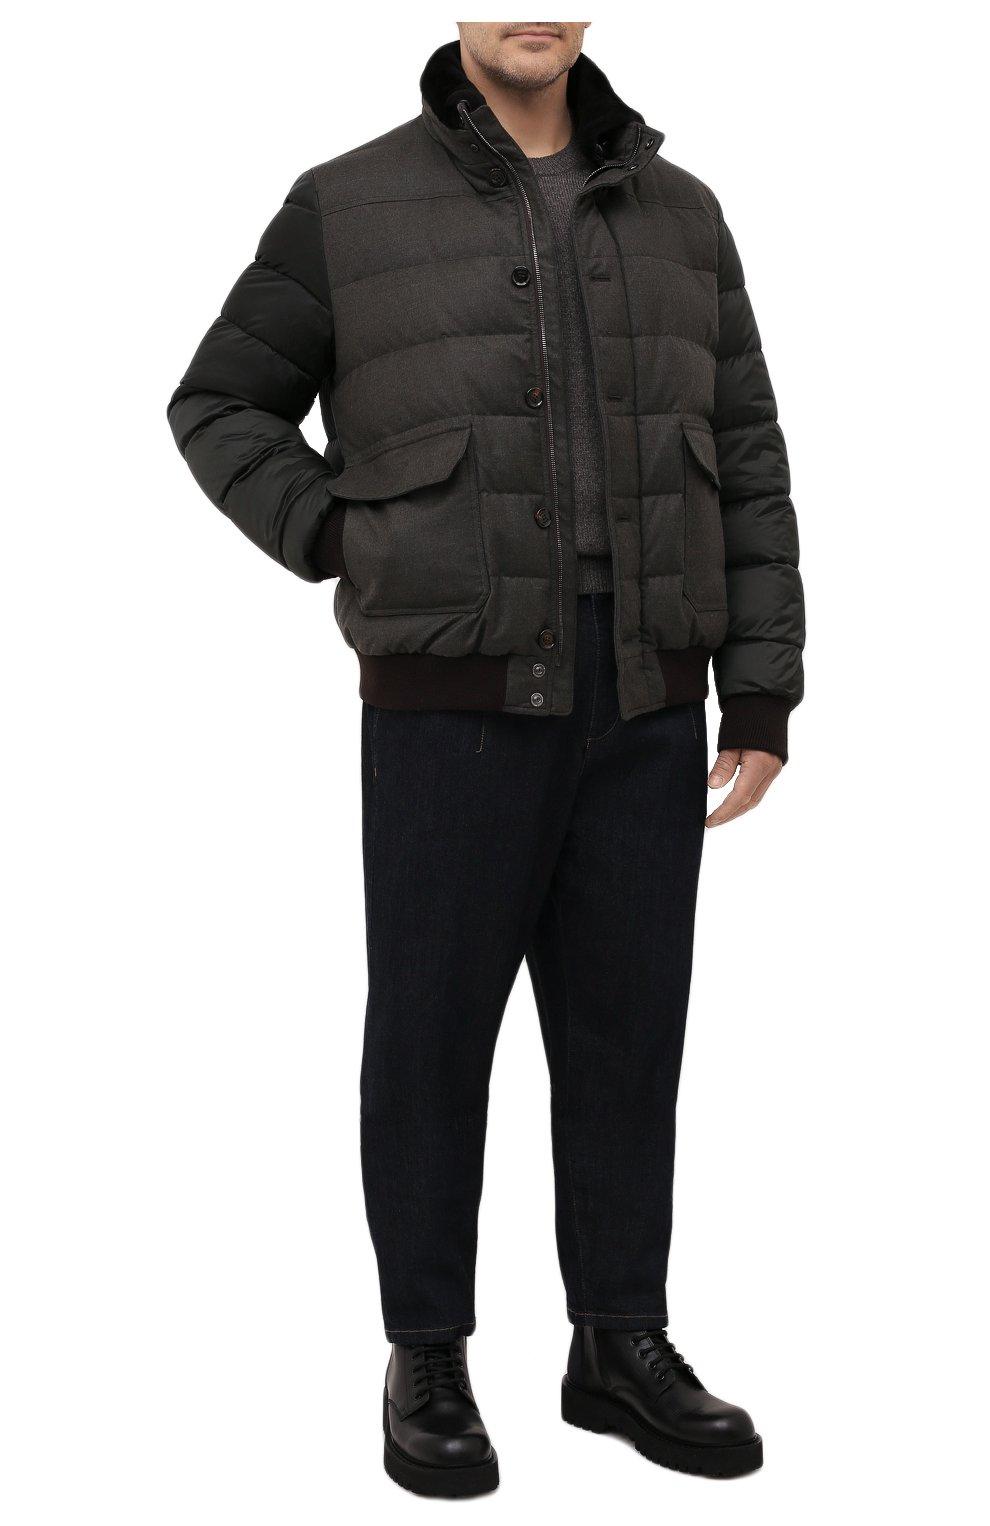 Мужской пуховый бомбер fantoni-shl MOORER темно-зеленого цвета, арт. FANT0NI-SHL/M0UGI100177-TEPA235/60-68   Фото 2 (Кросс-КТ: Куртка; Big sizes: Big Sizes; Мужское Кросс-КТ: пуховик-короткий; Рукава: Длинные; Принт: Без принта; Материал внешний: Синтетический материал; Длина (верхняя одежда): Короткие; Стили: Кэжуэл)